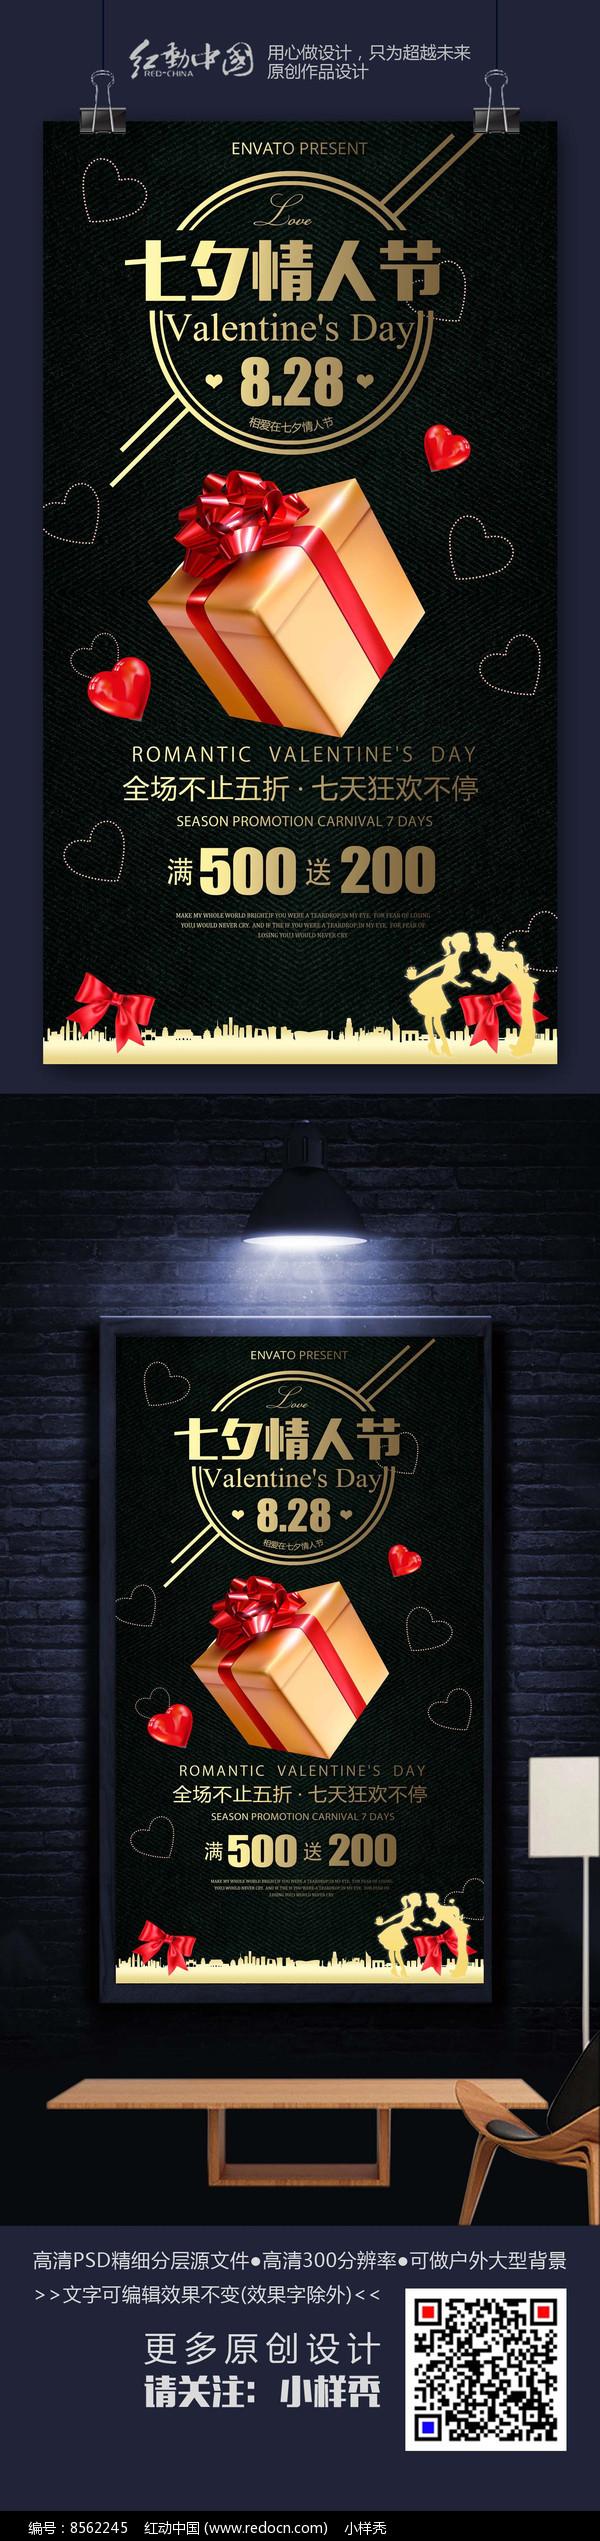 七夕情人节浪漫活动促销海报图片